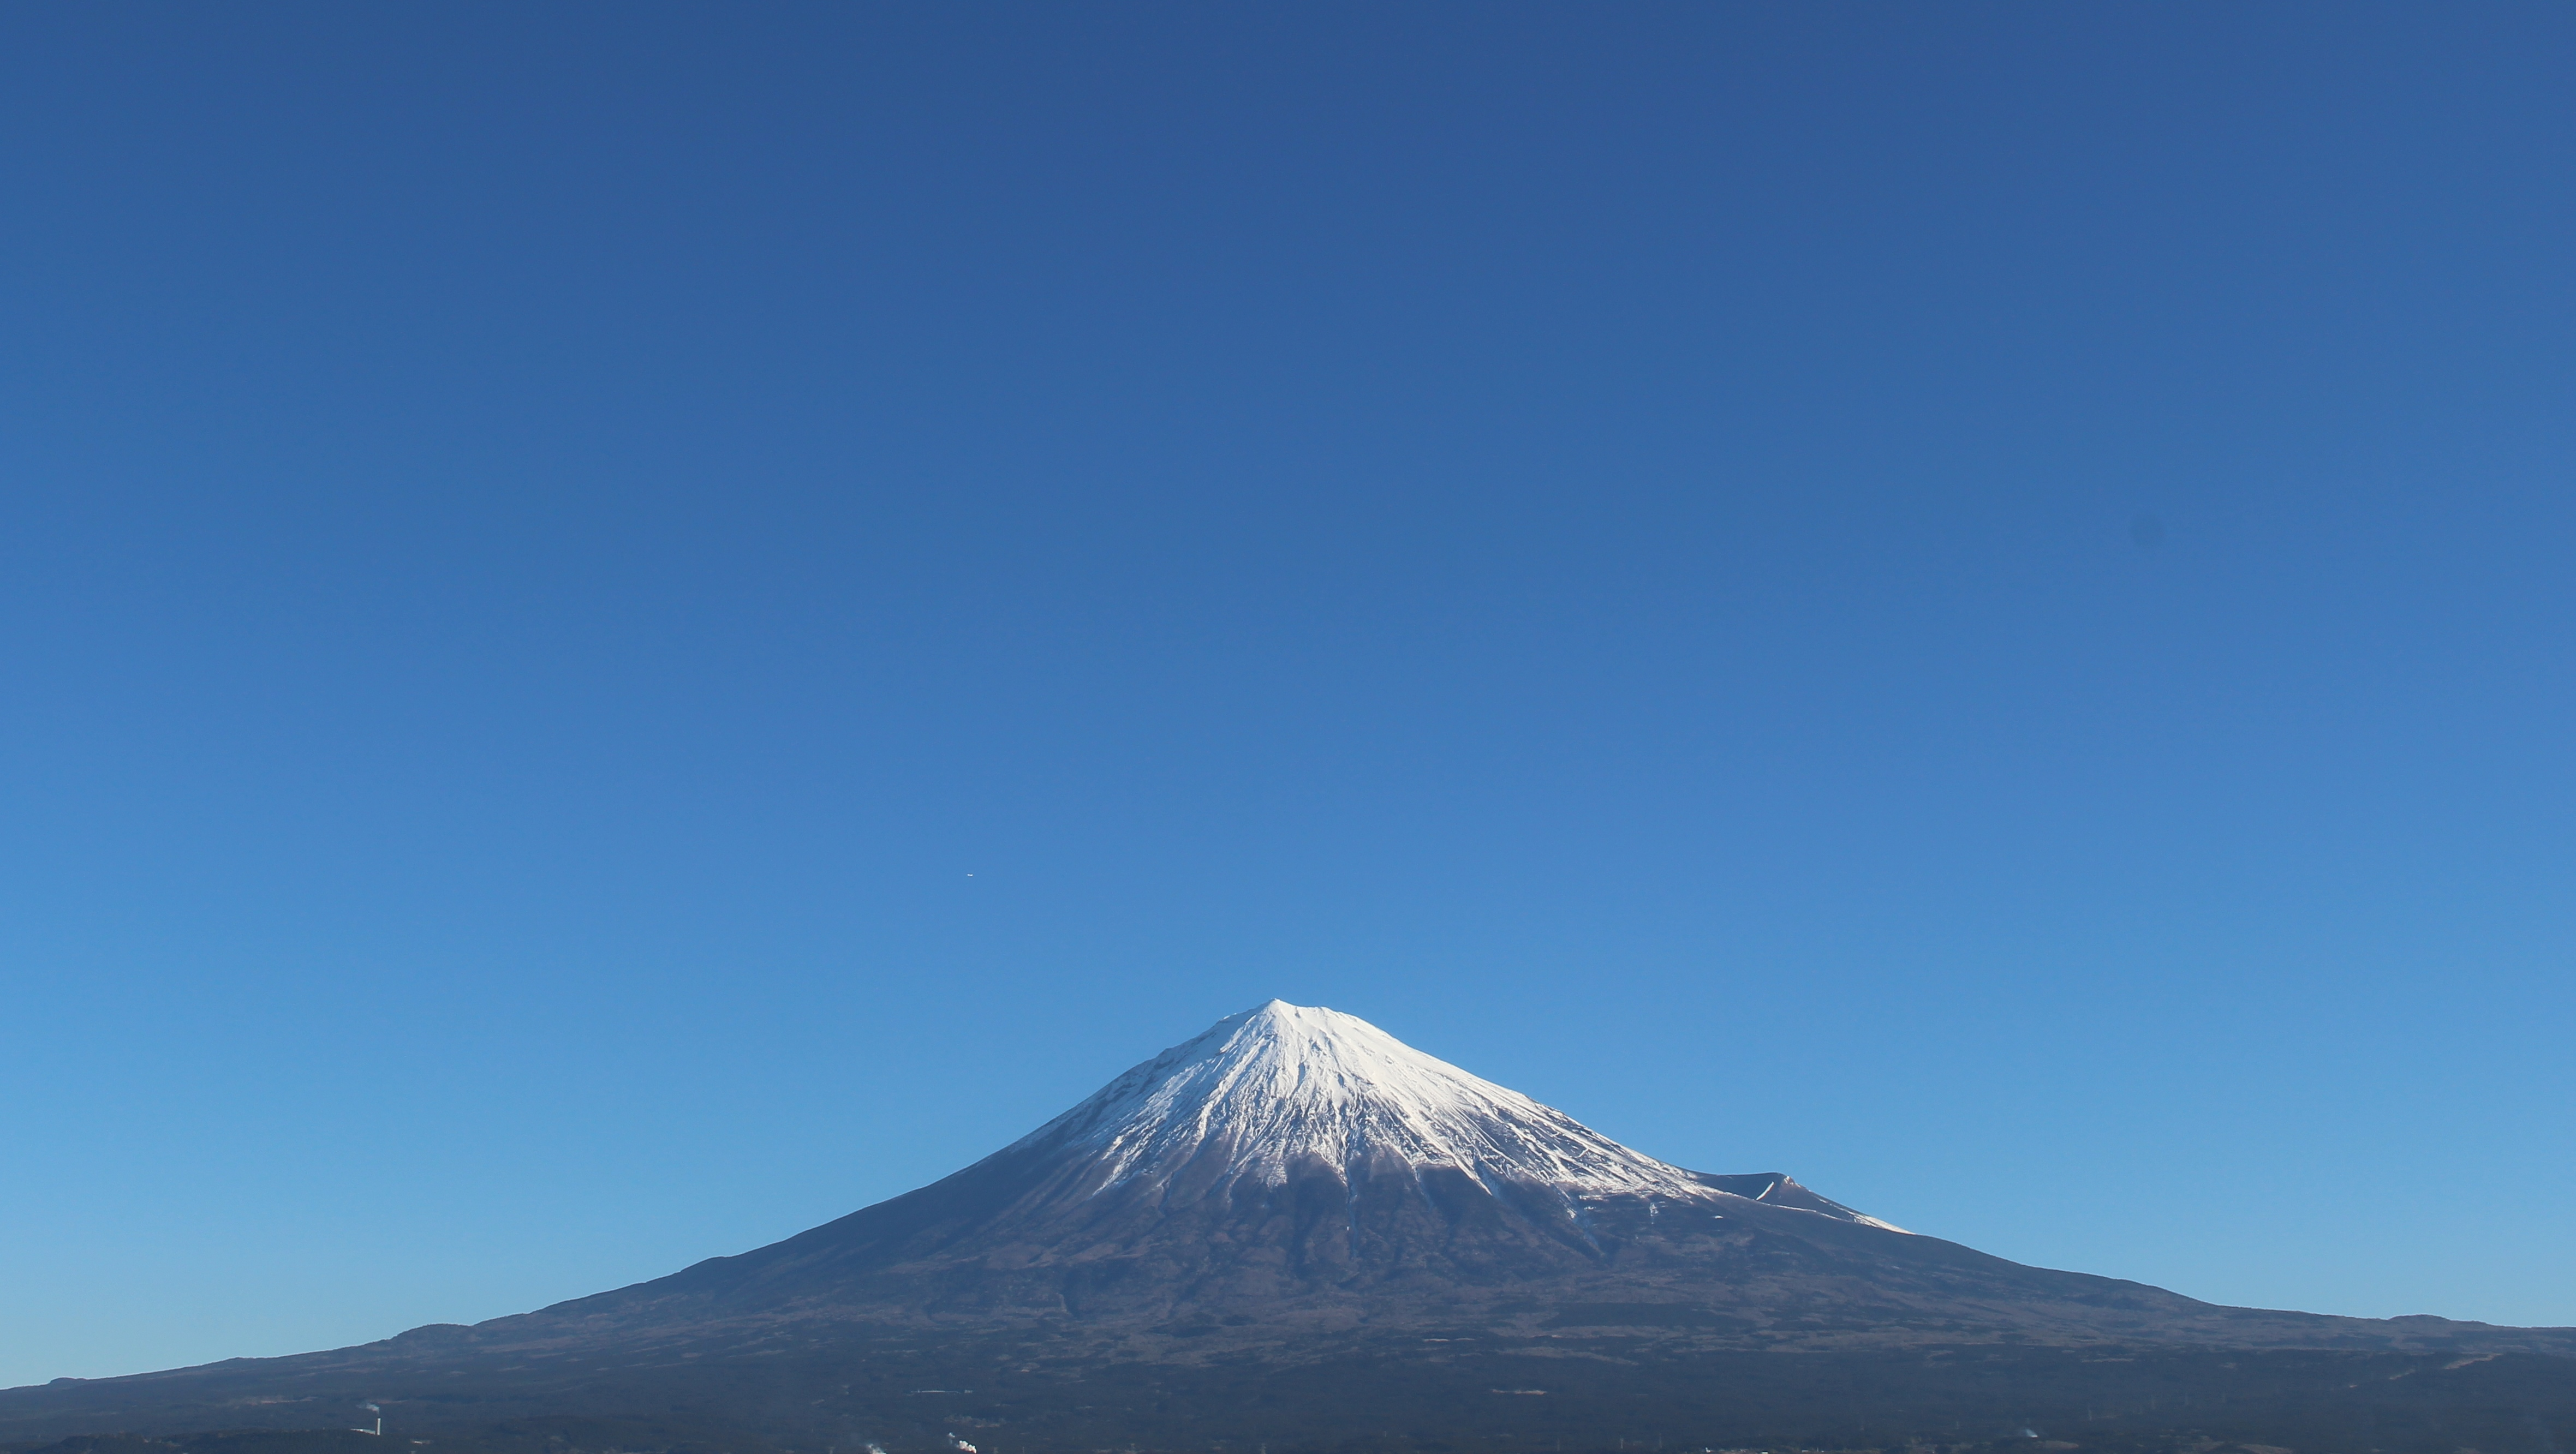 2017年1月24日の富士山の写真